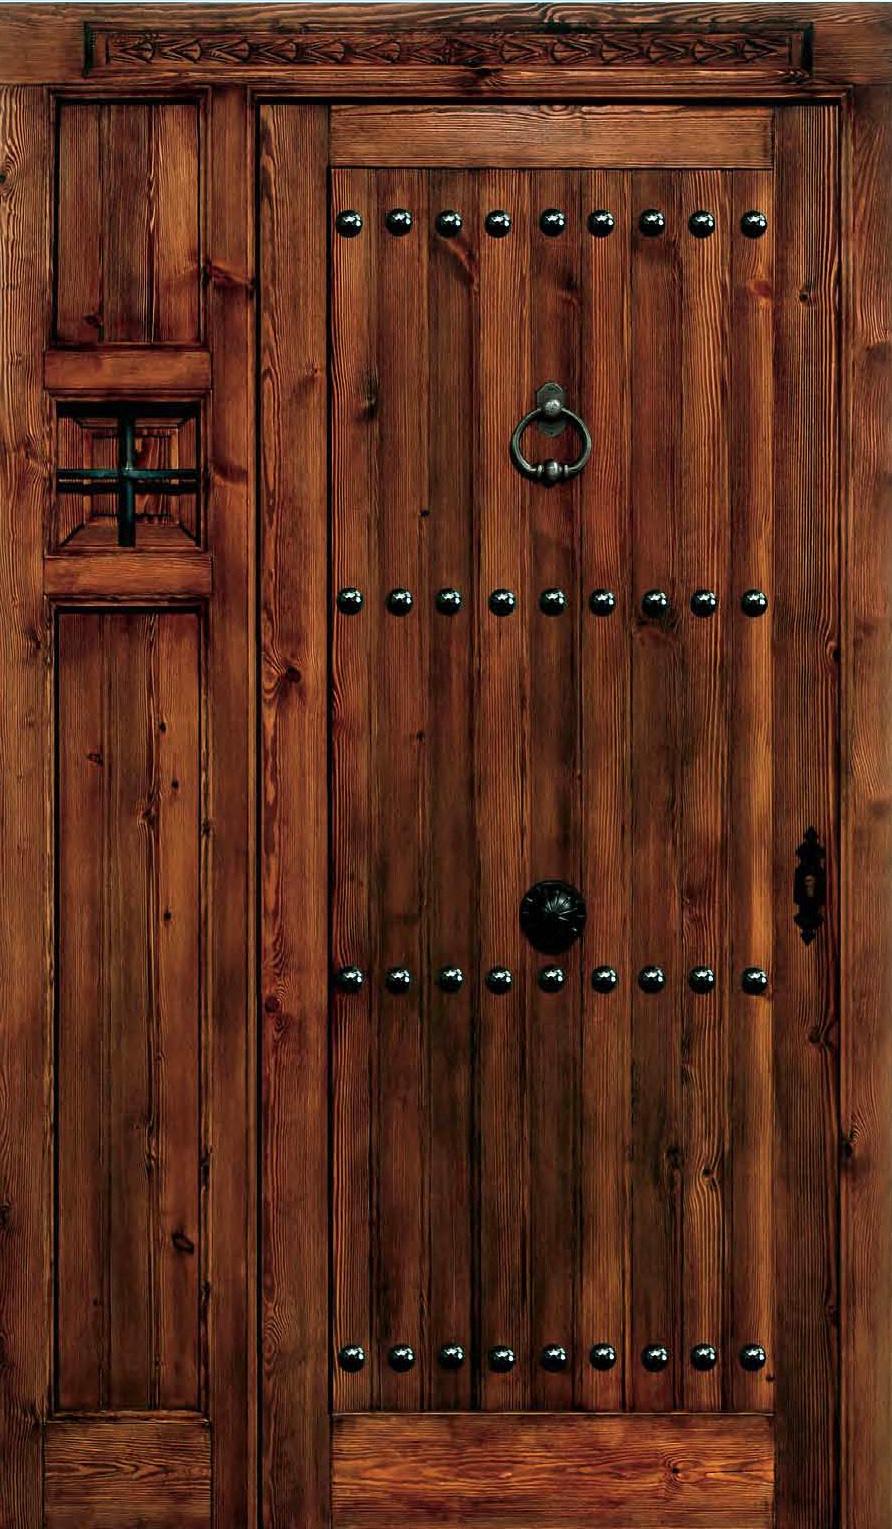 La ltima visita cuento ruso marioenelblog - Herrajes rusticos para puertas ...